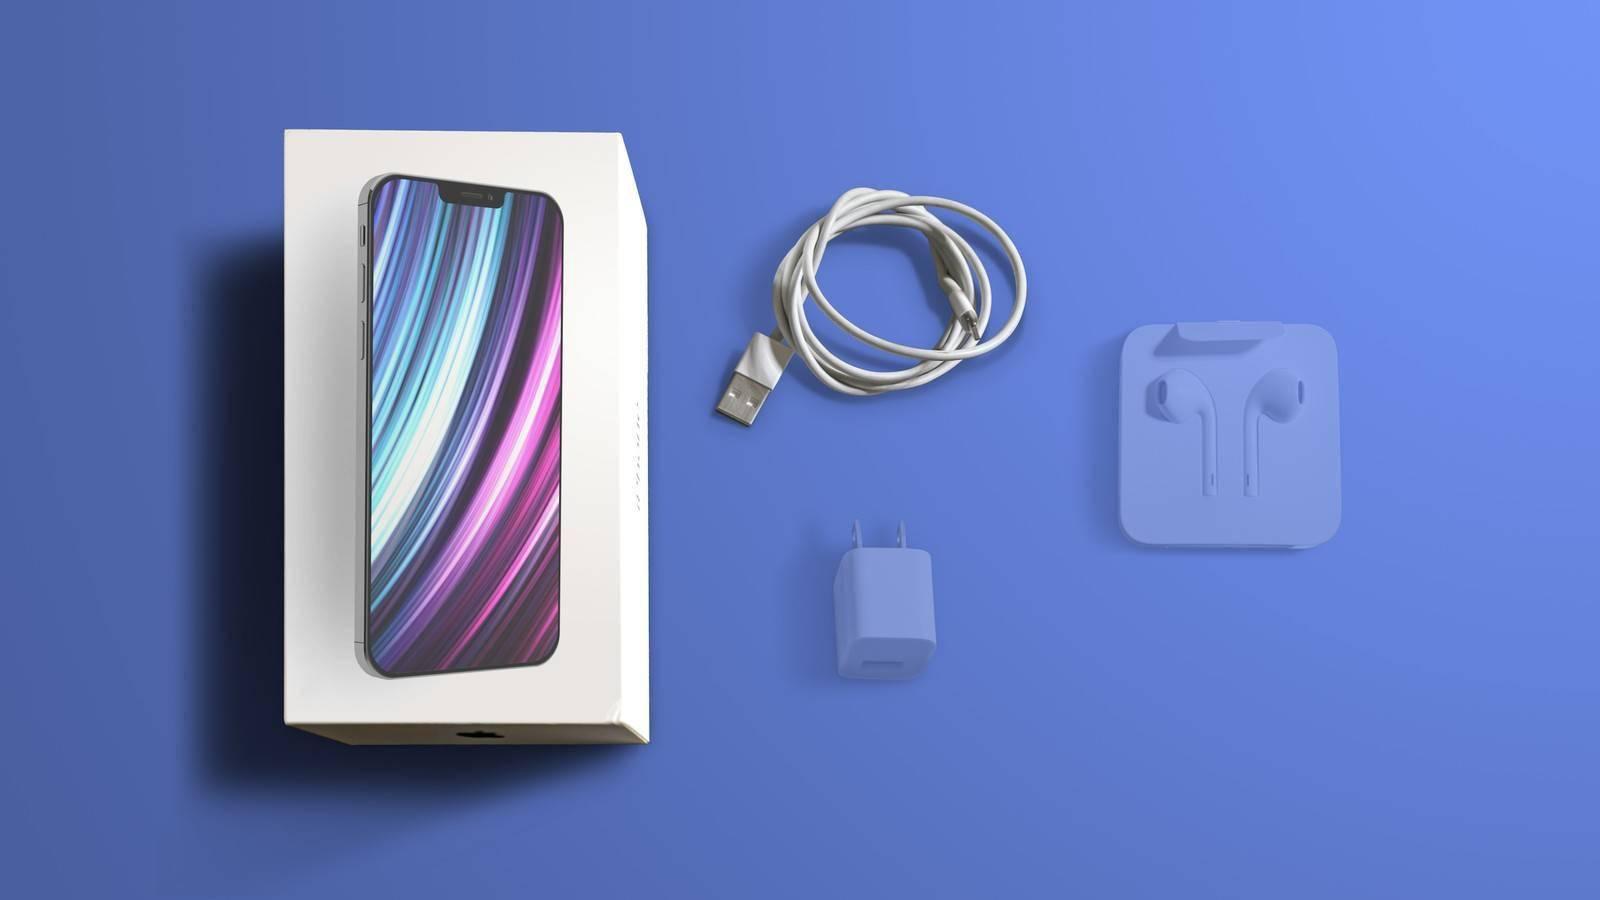 都说iPhone 12「不配」充电头和耳机是为了赚钱:可能还「名利双收」